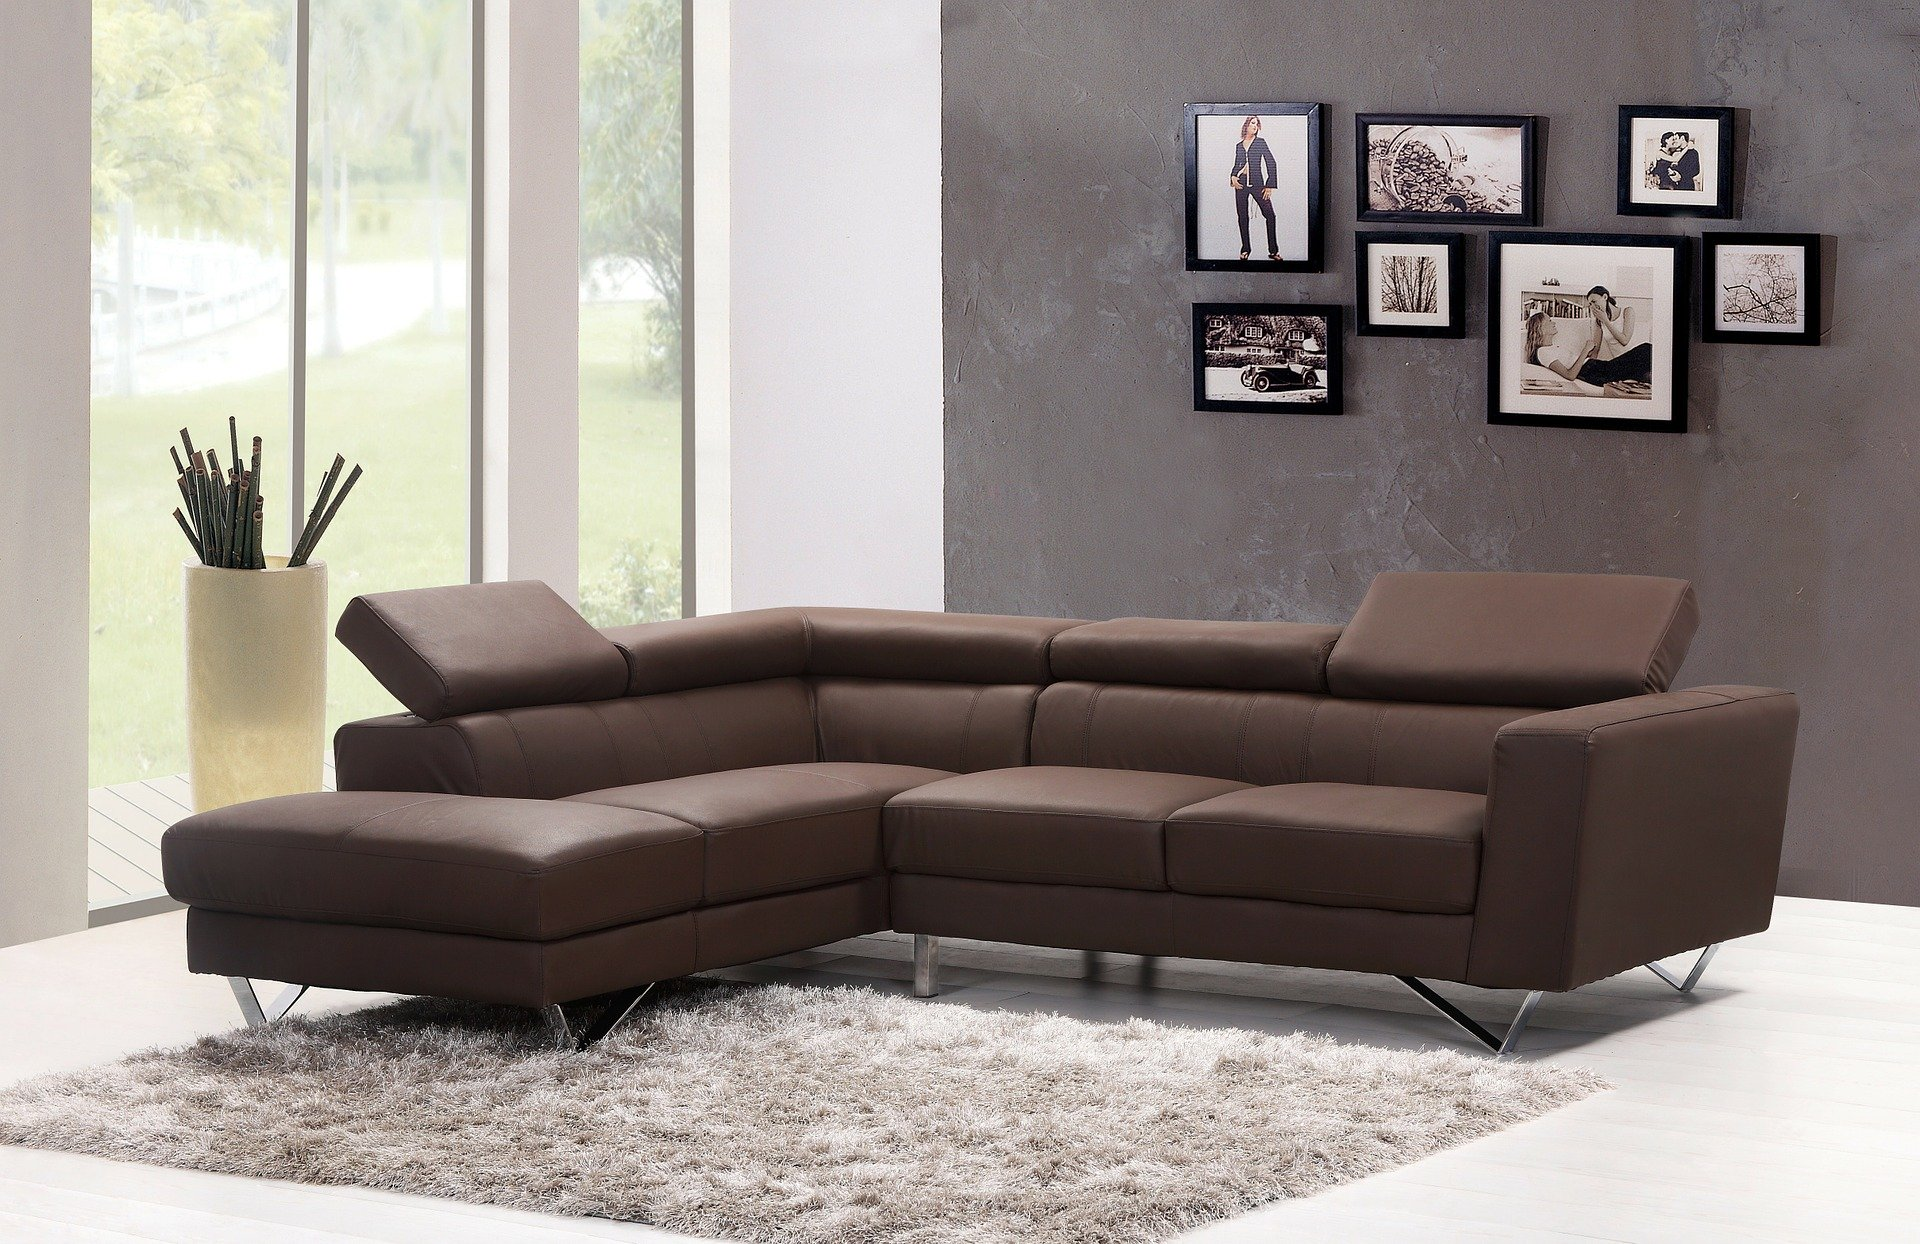 意式极简沙发有什么特点?意式极简沙发为何如此受欢迎?